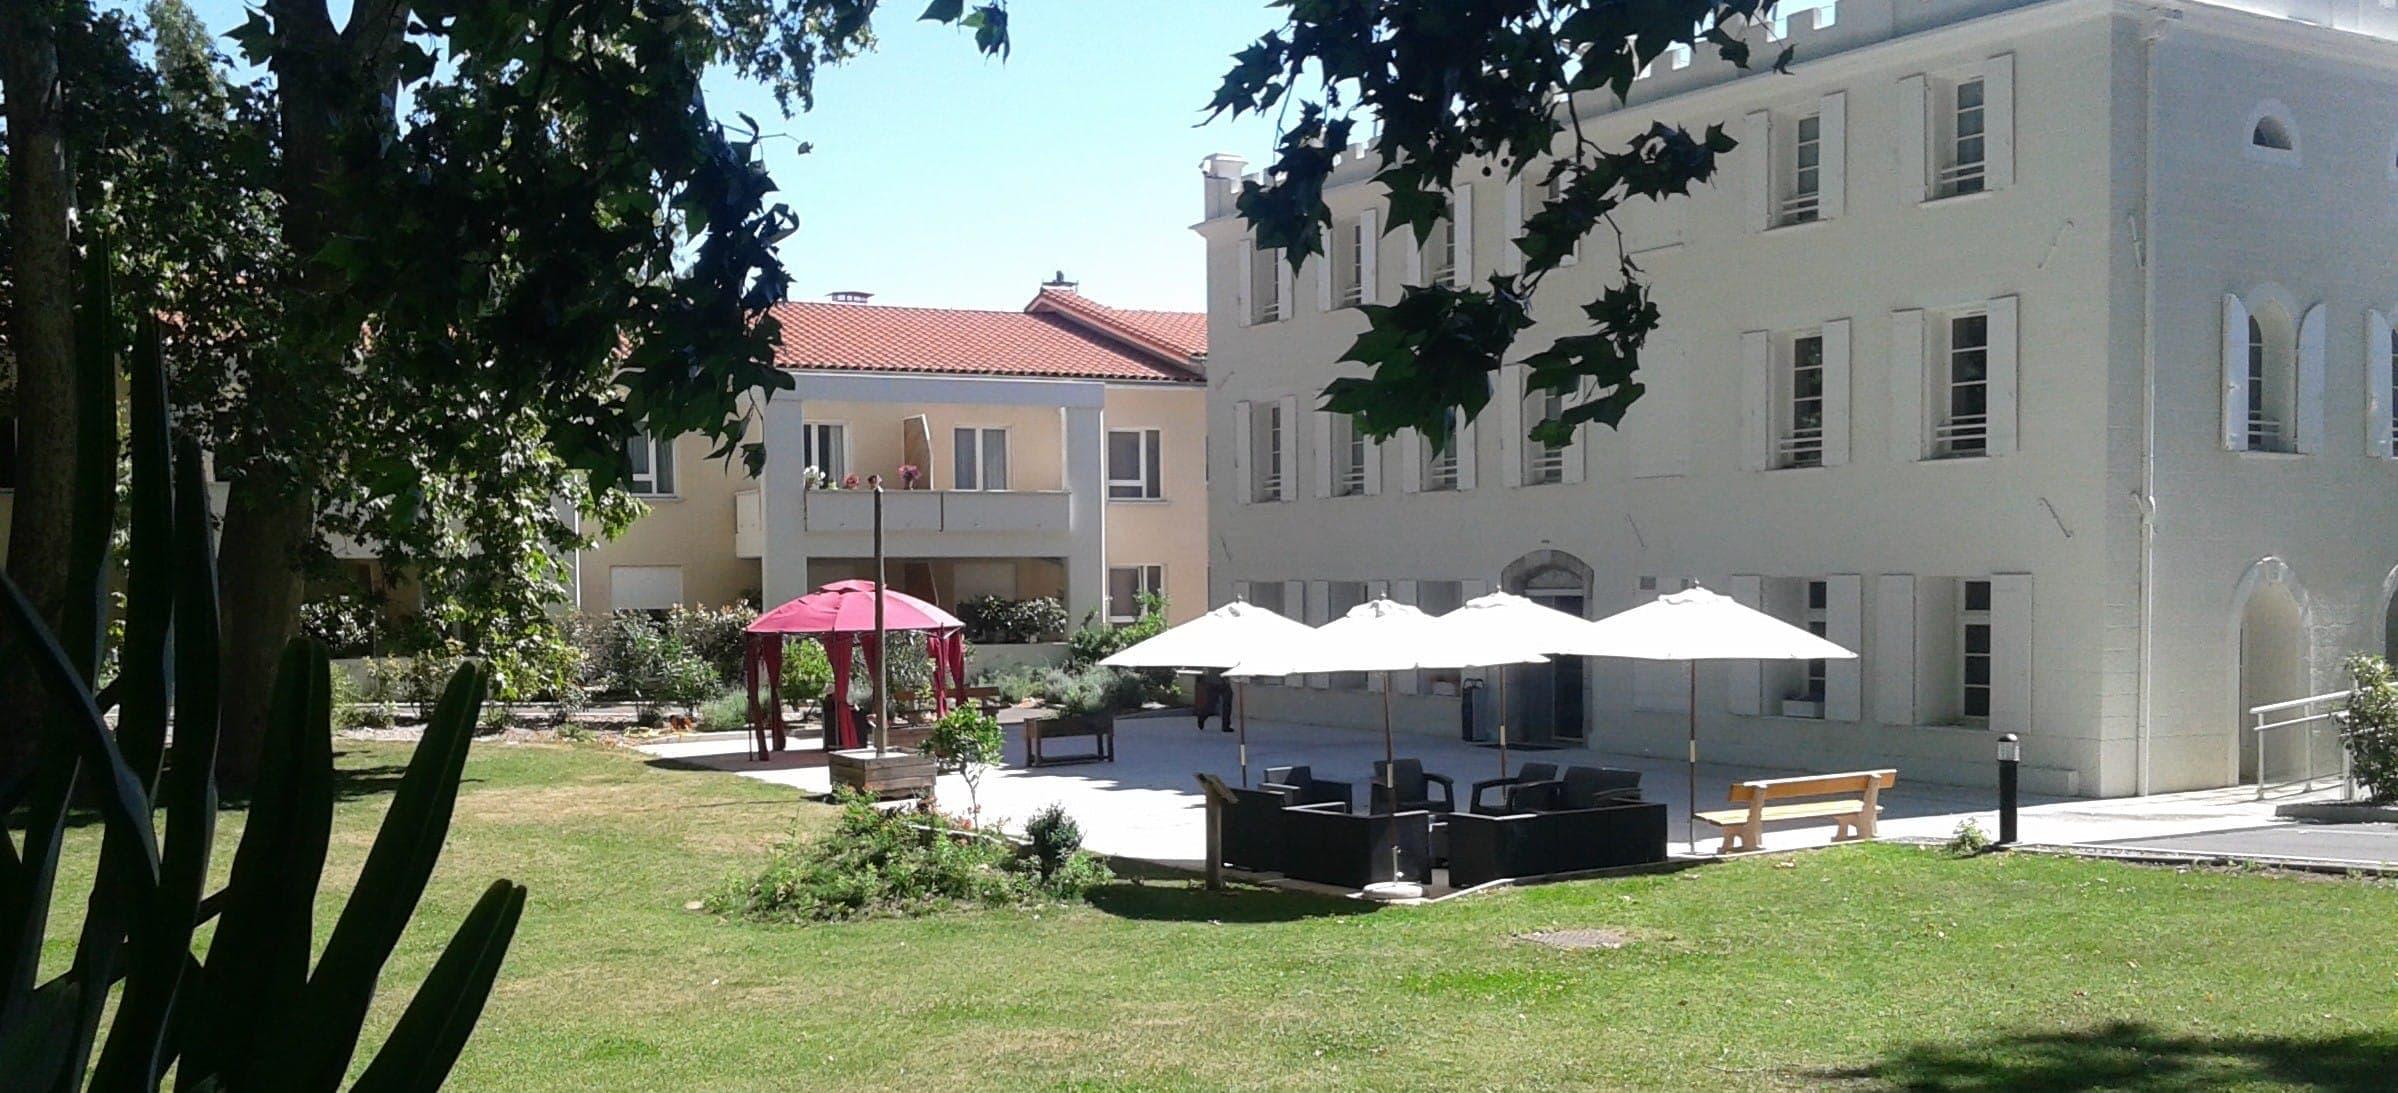 Maison de retraite du Moulin